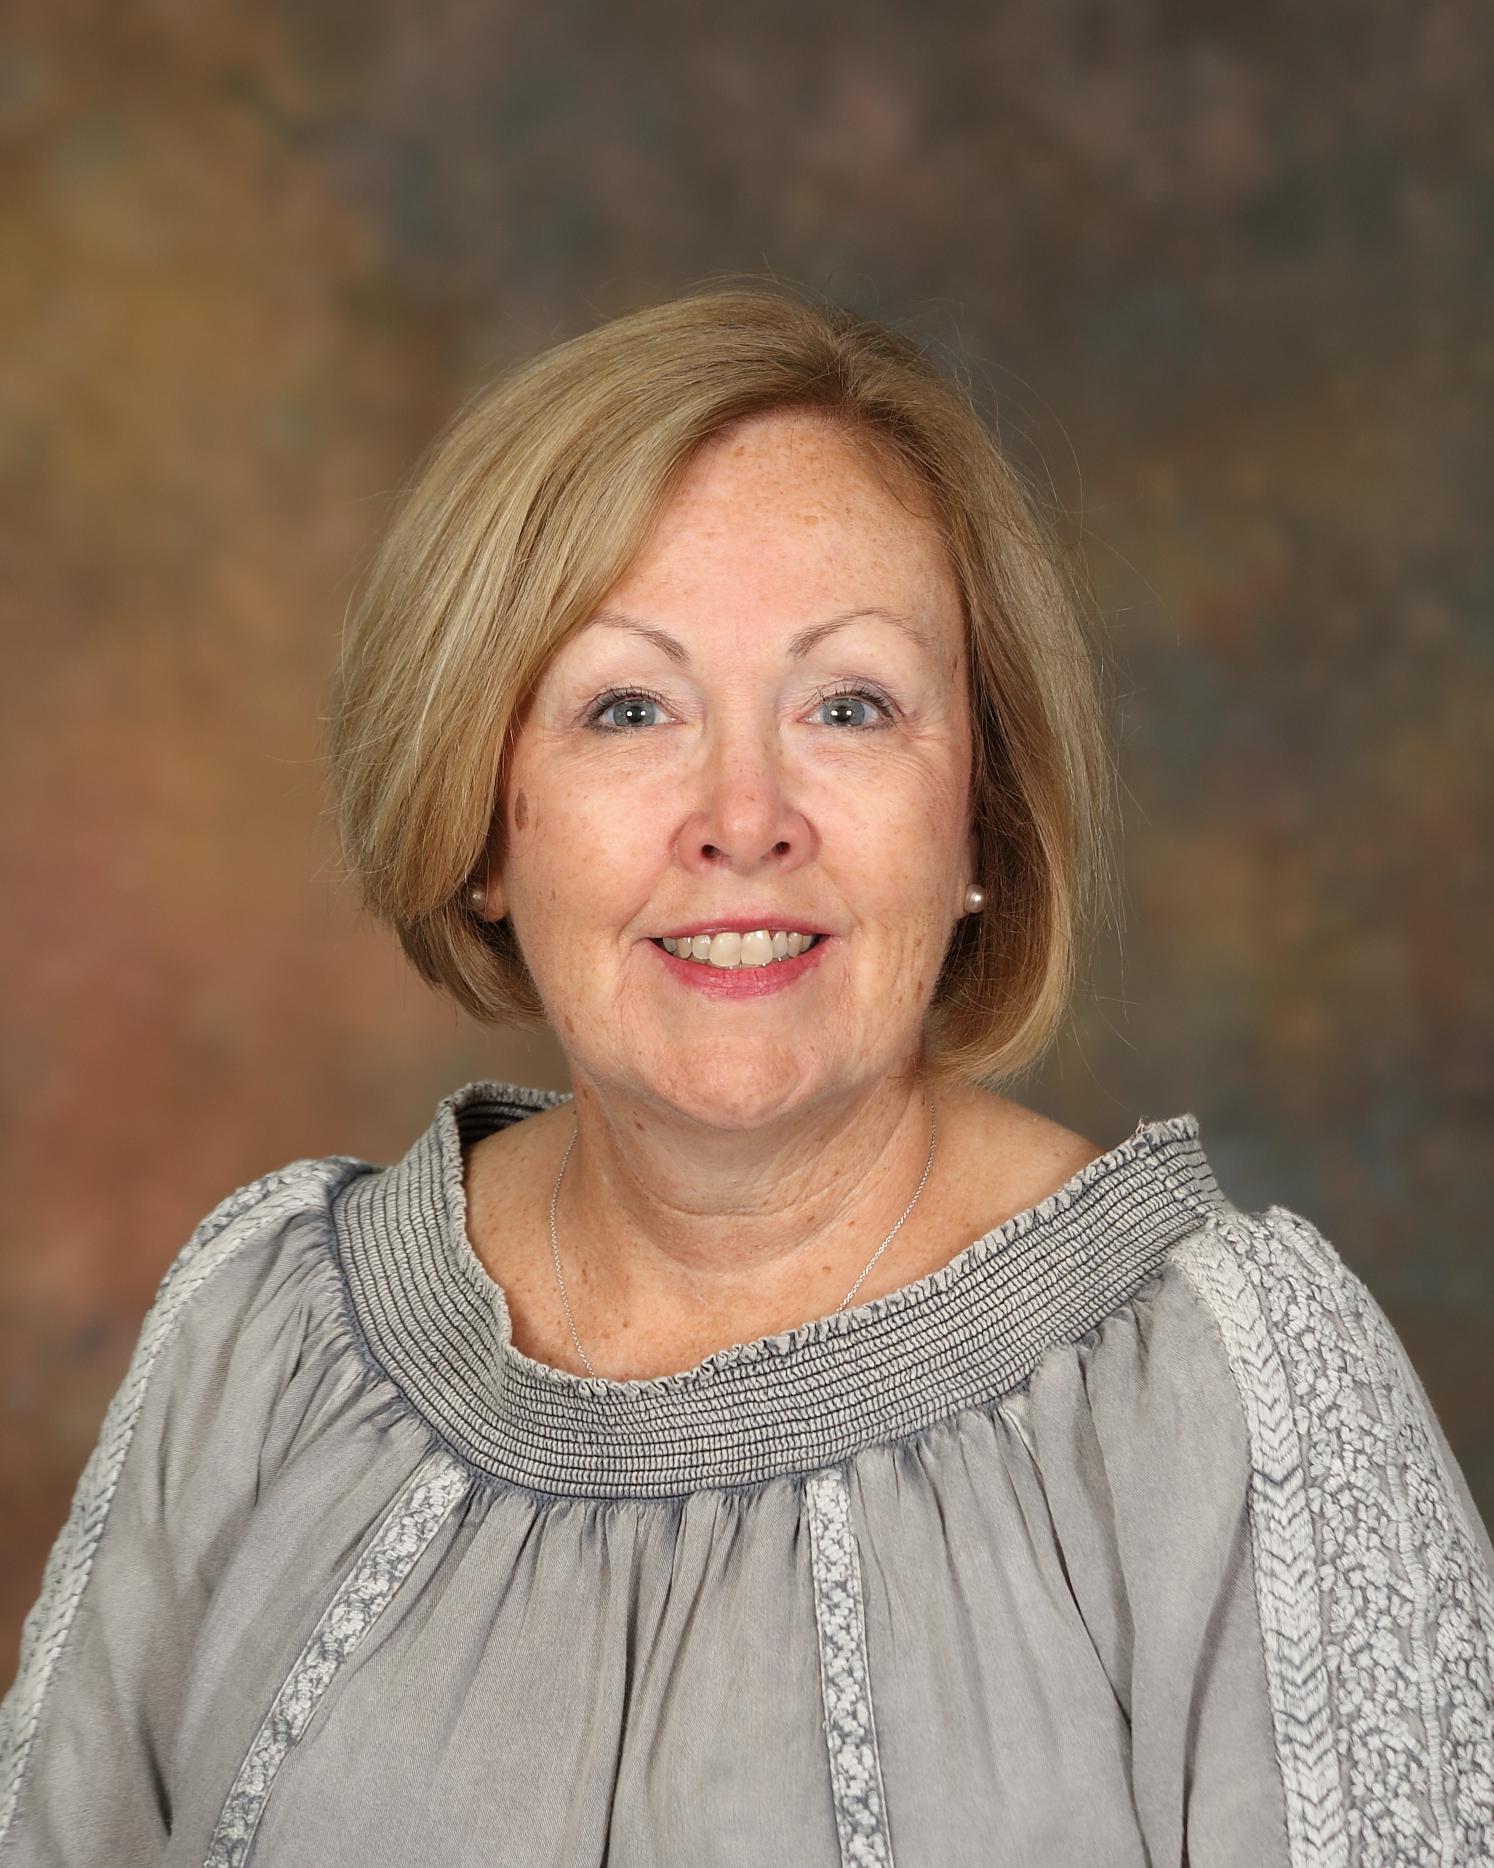 Susan Renshaw